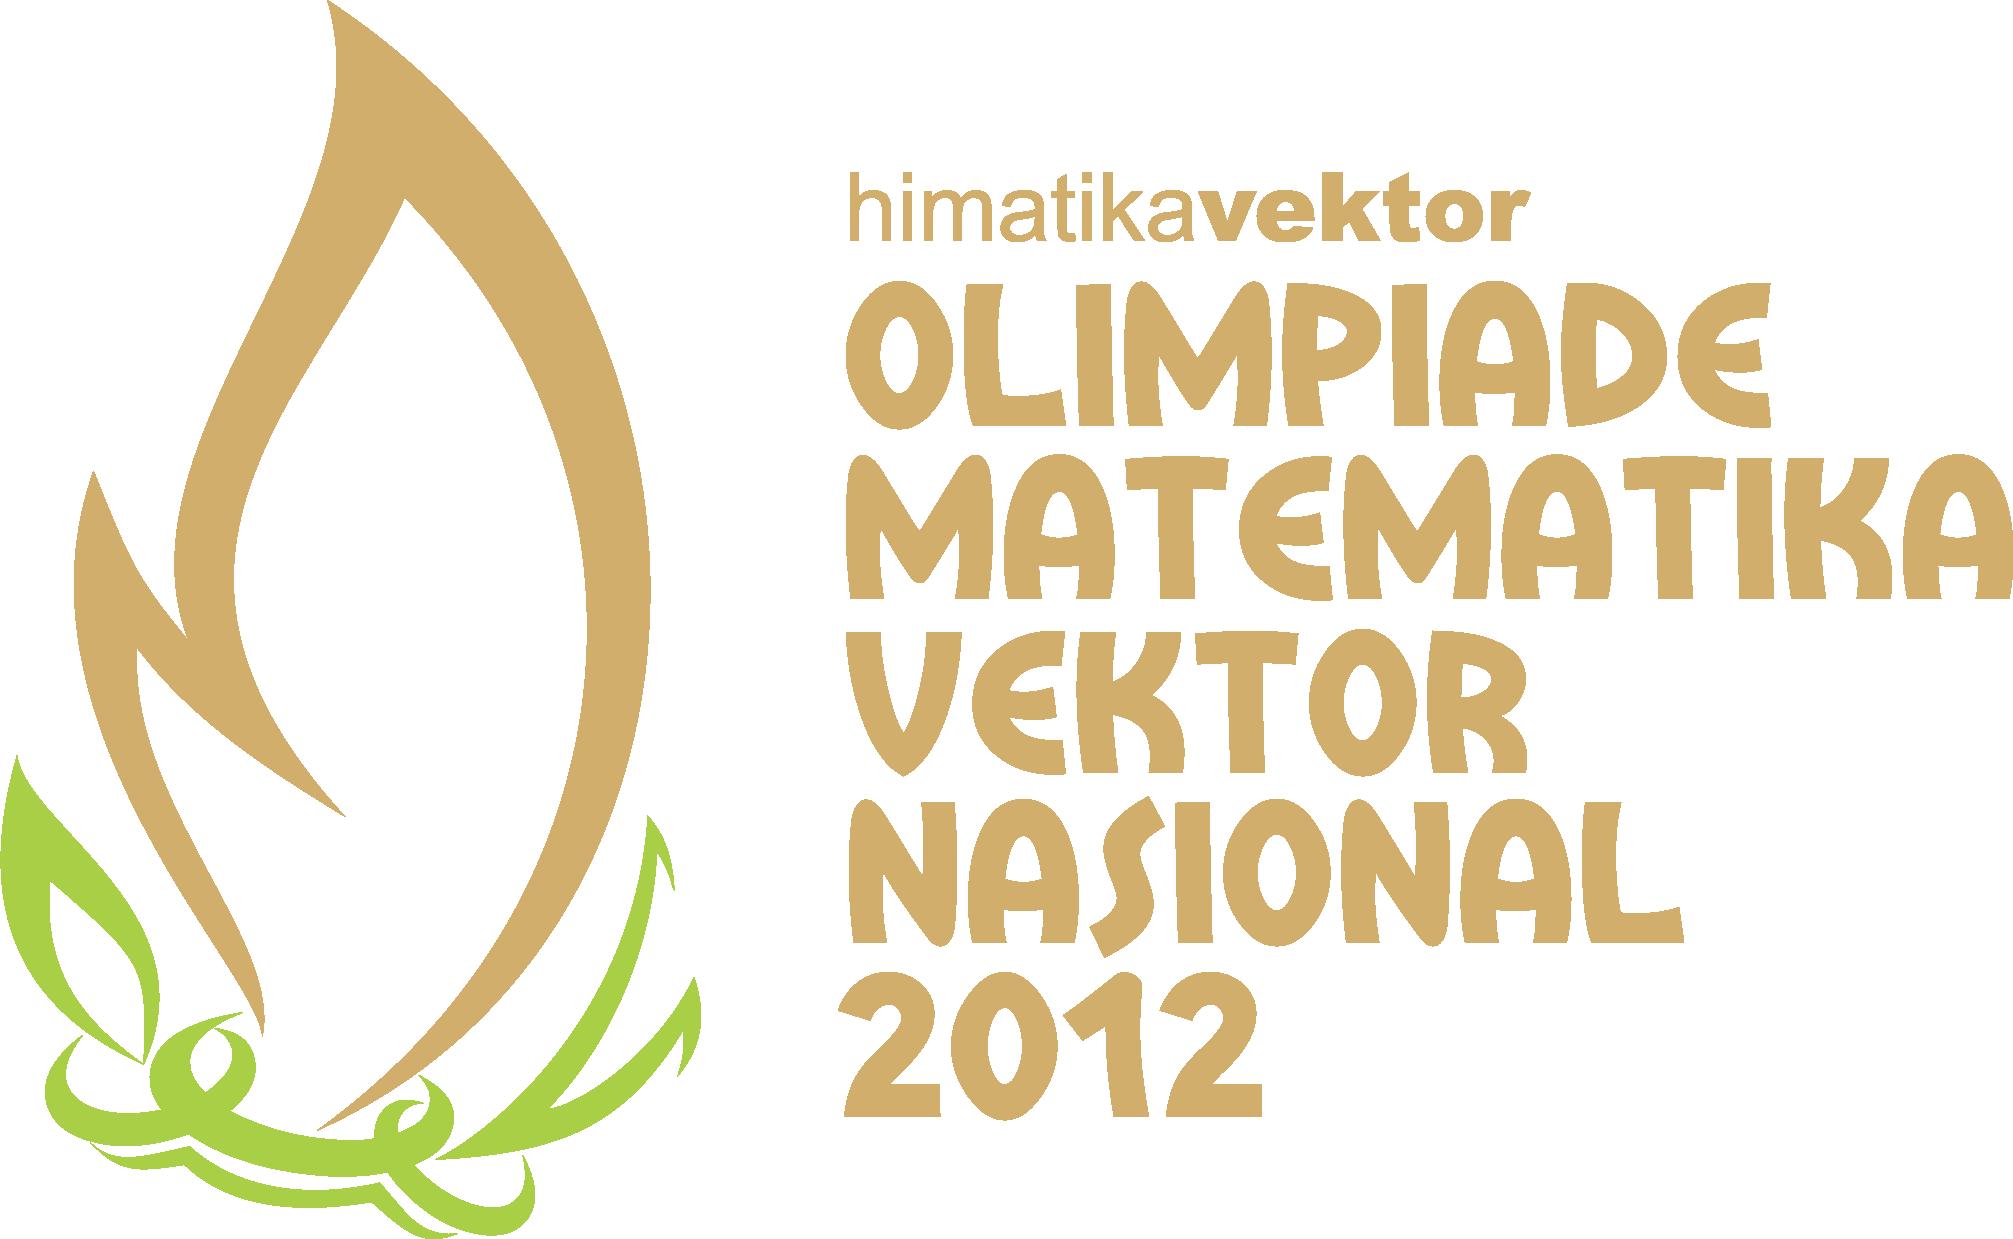 olimpiade matematika vektor nasional 2012 pendidikan